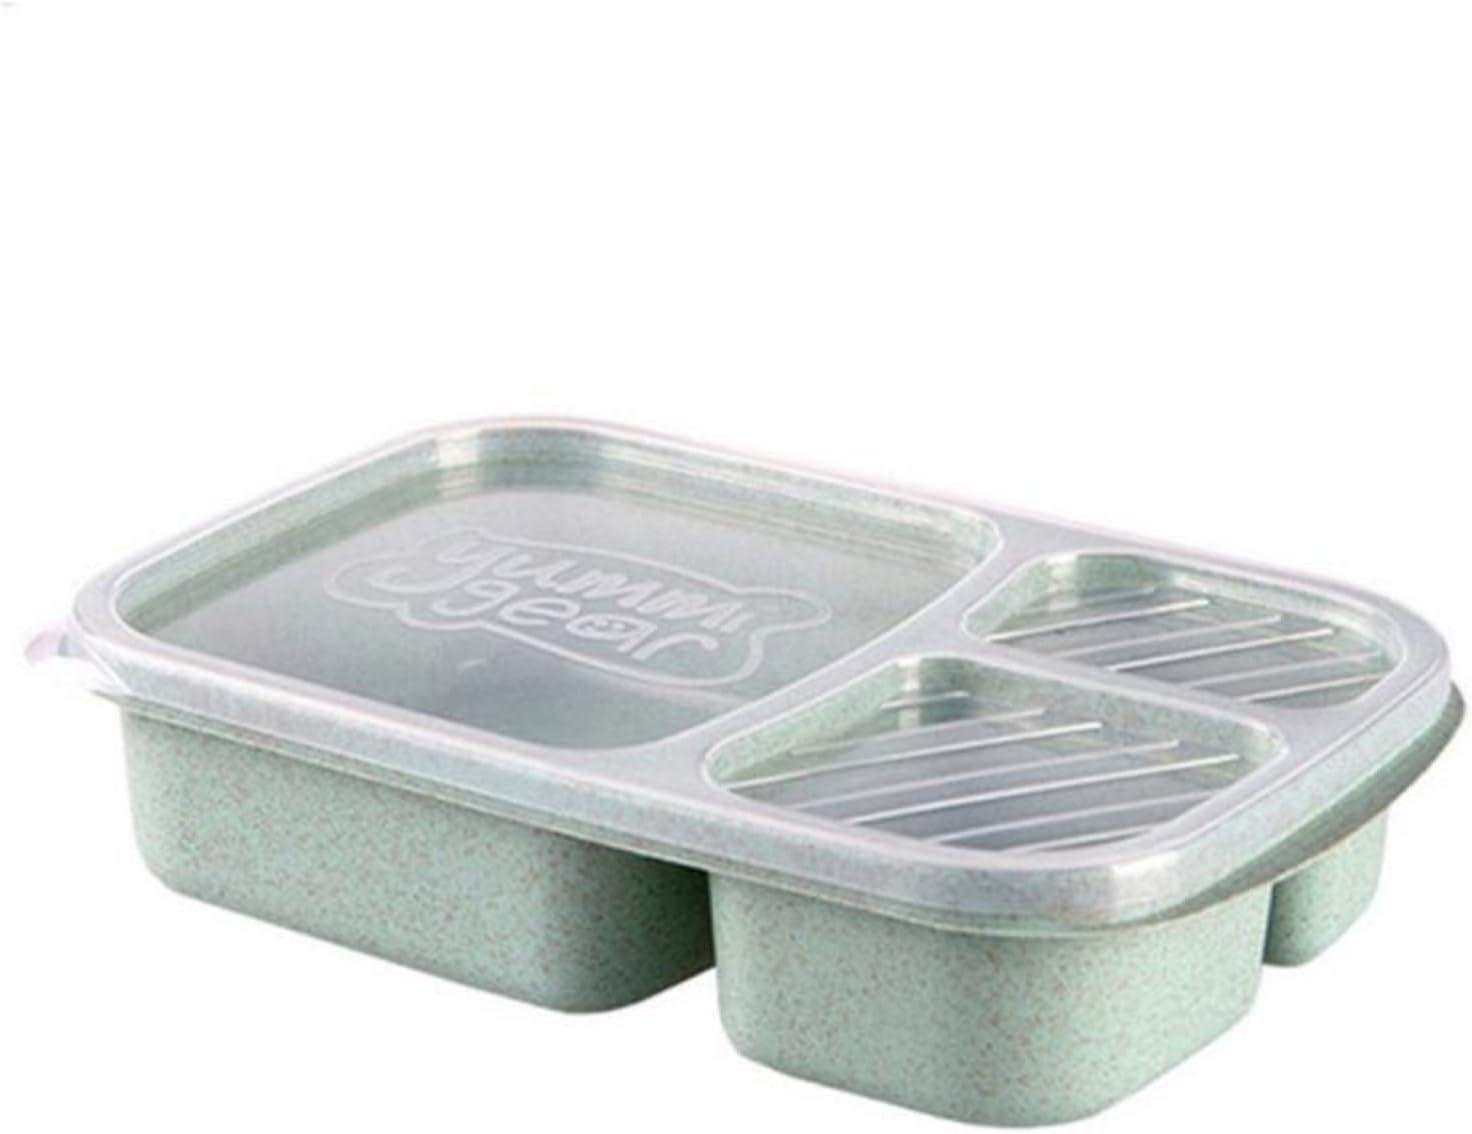 LZZB Fiambrera Bento Box Vajilla de Grano de Madera Contenedor de Almacenamiento de Alimentos Estudiante Niños Oficina Escolar Fiambrera portátil Bento Box Fiambrera